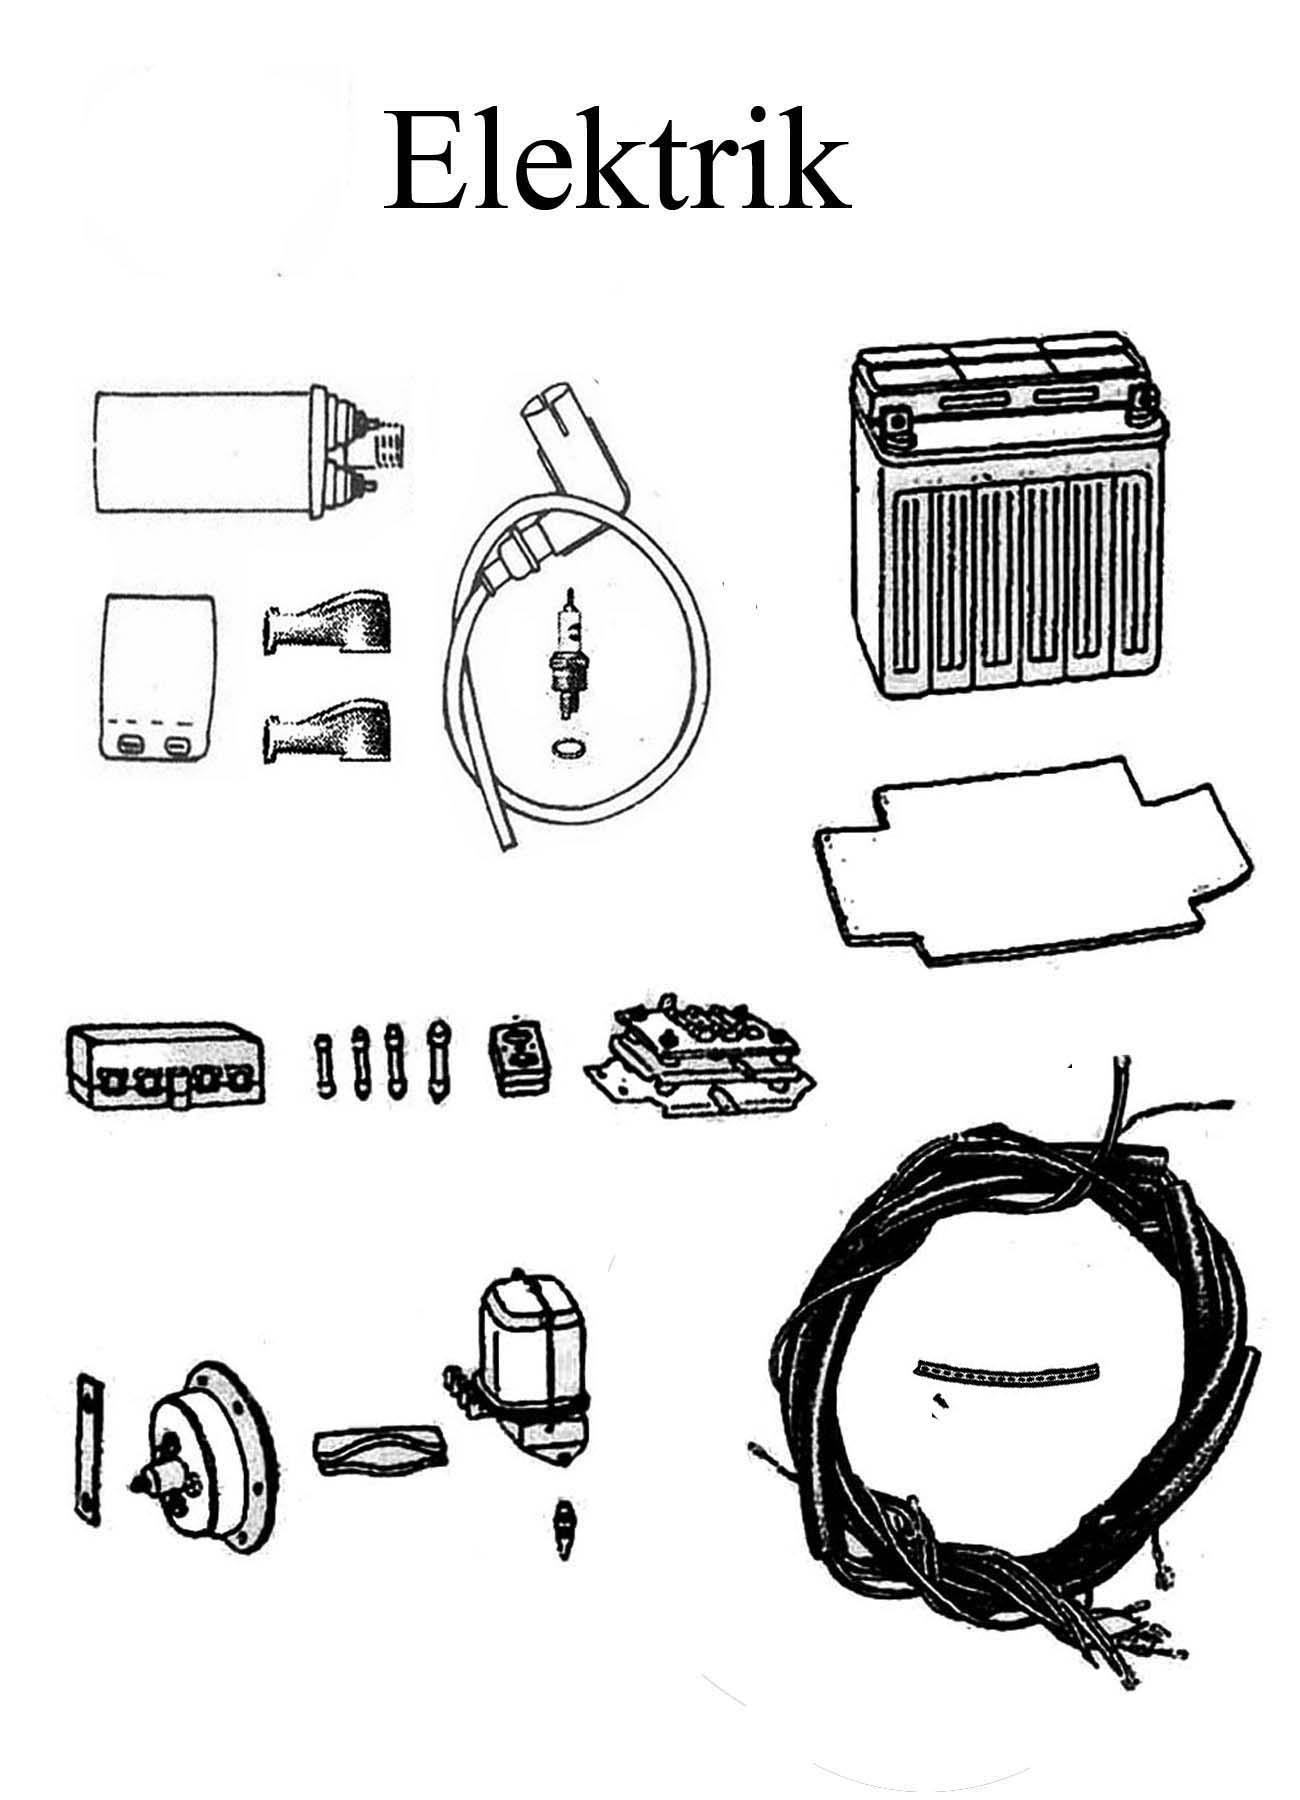 MZ ETZ 250 Ersatzteile Elektrik Batterie Regler Kabelbaum Zündspule